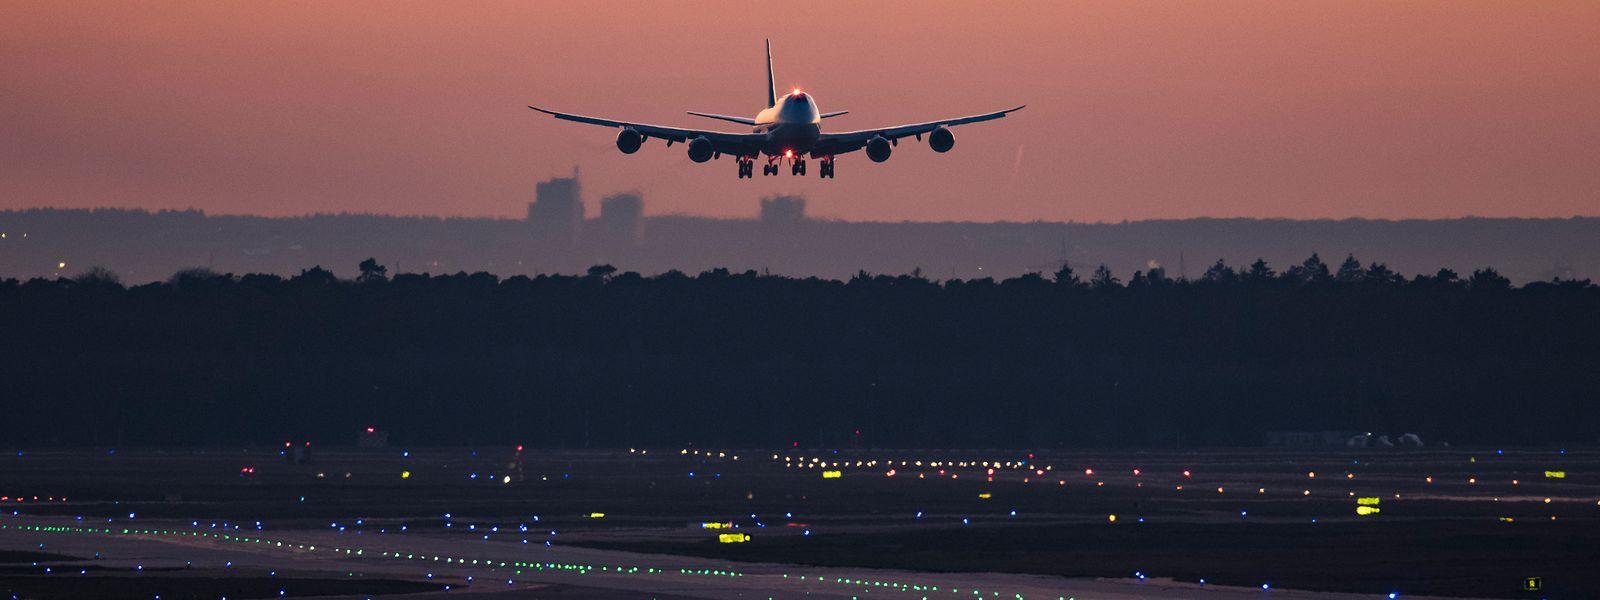 Die Boeing 737 Max hat nach zwei verheerenden Abstürzen in den letzten Monaten immer wieder für Schlagzeilen gesorgt.